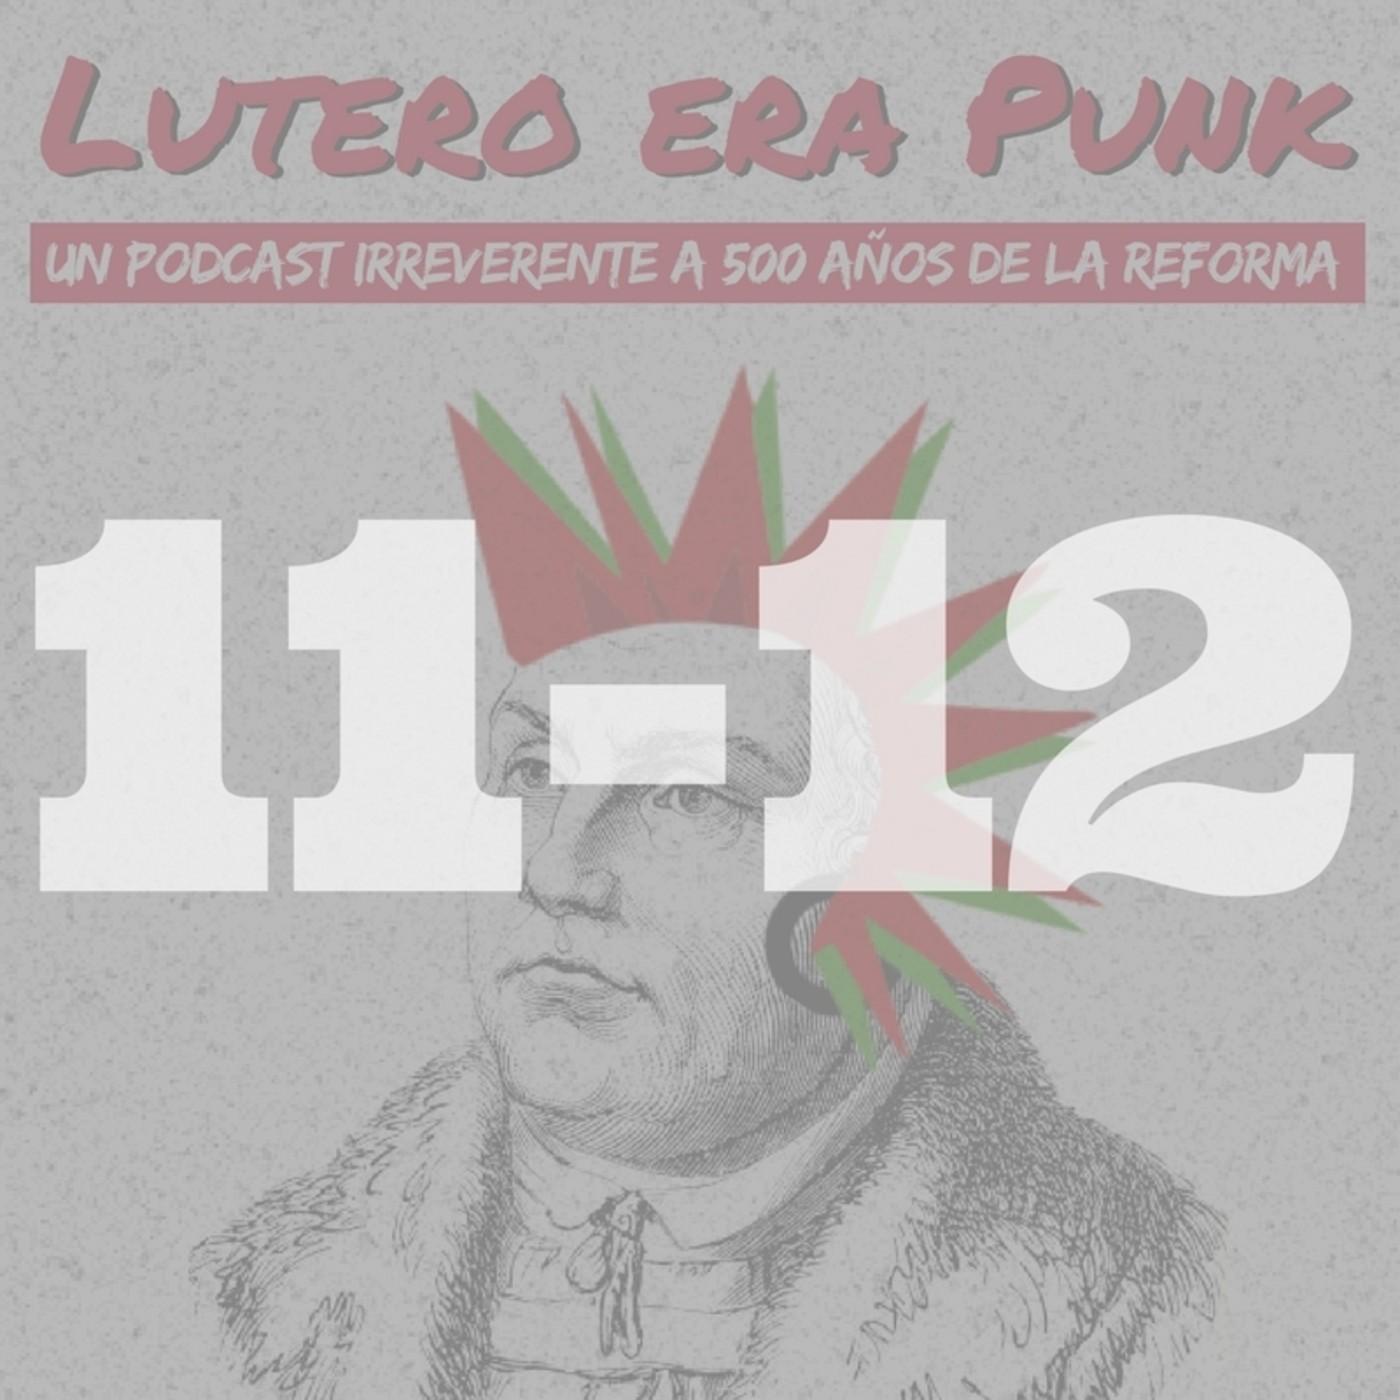 Lutero era punk | Capítulos 11 y 12